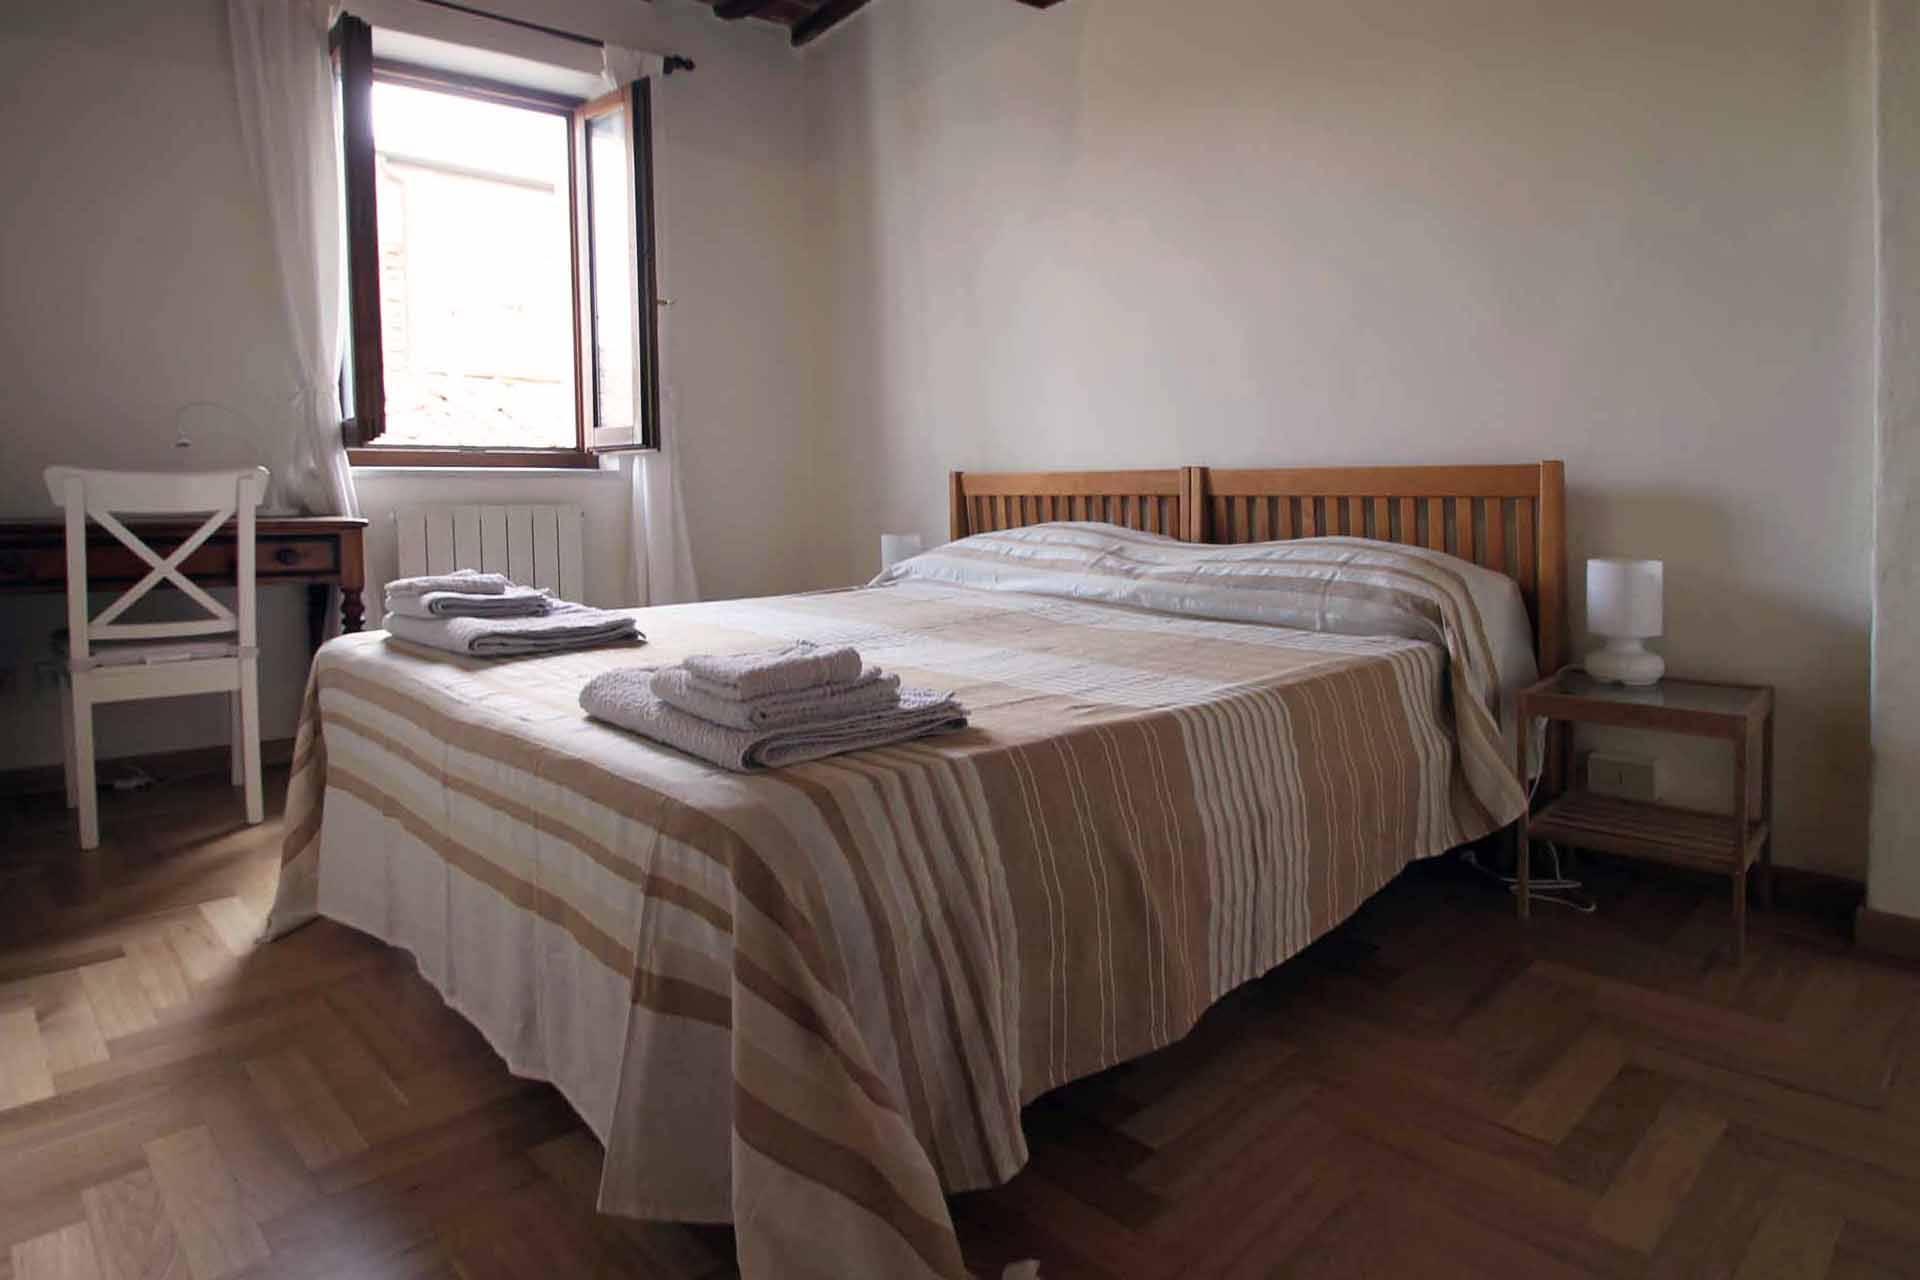 R/39-camera da letto